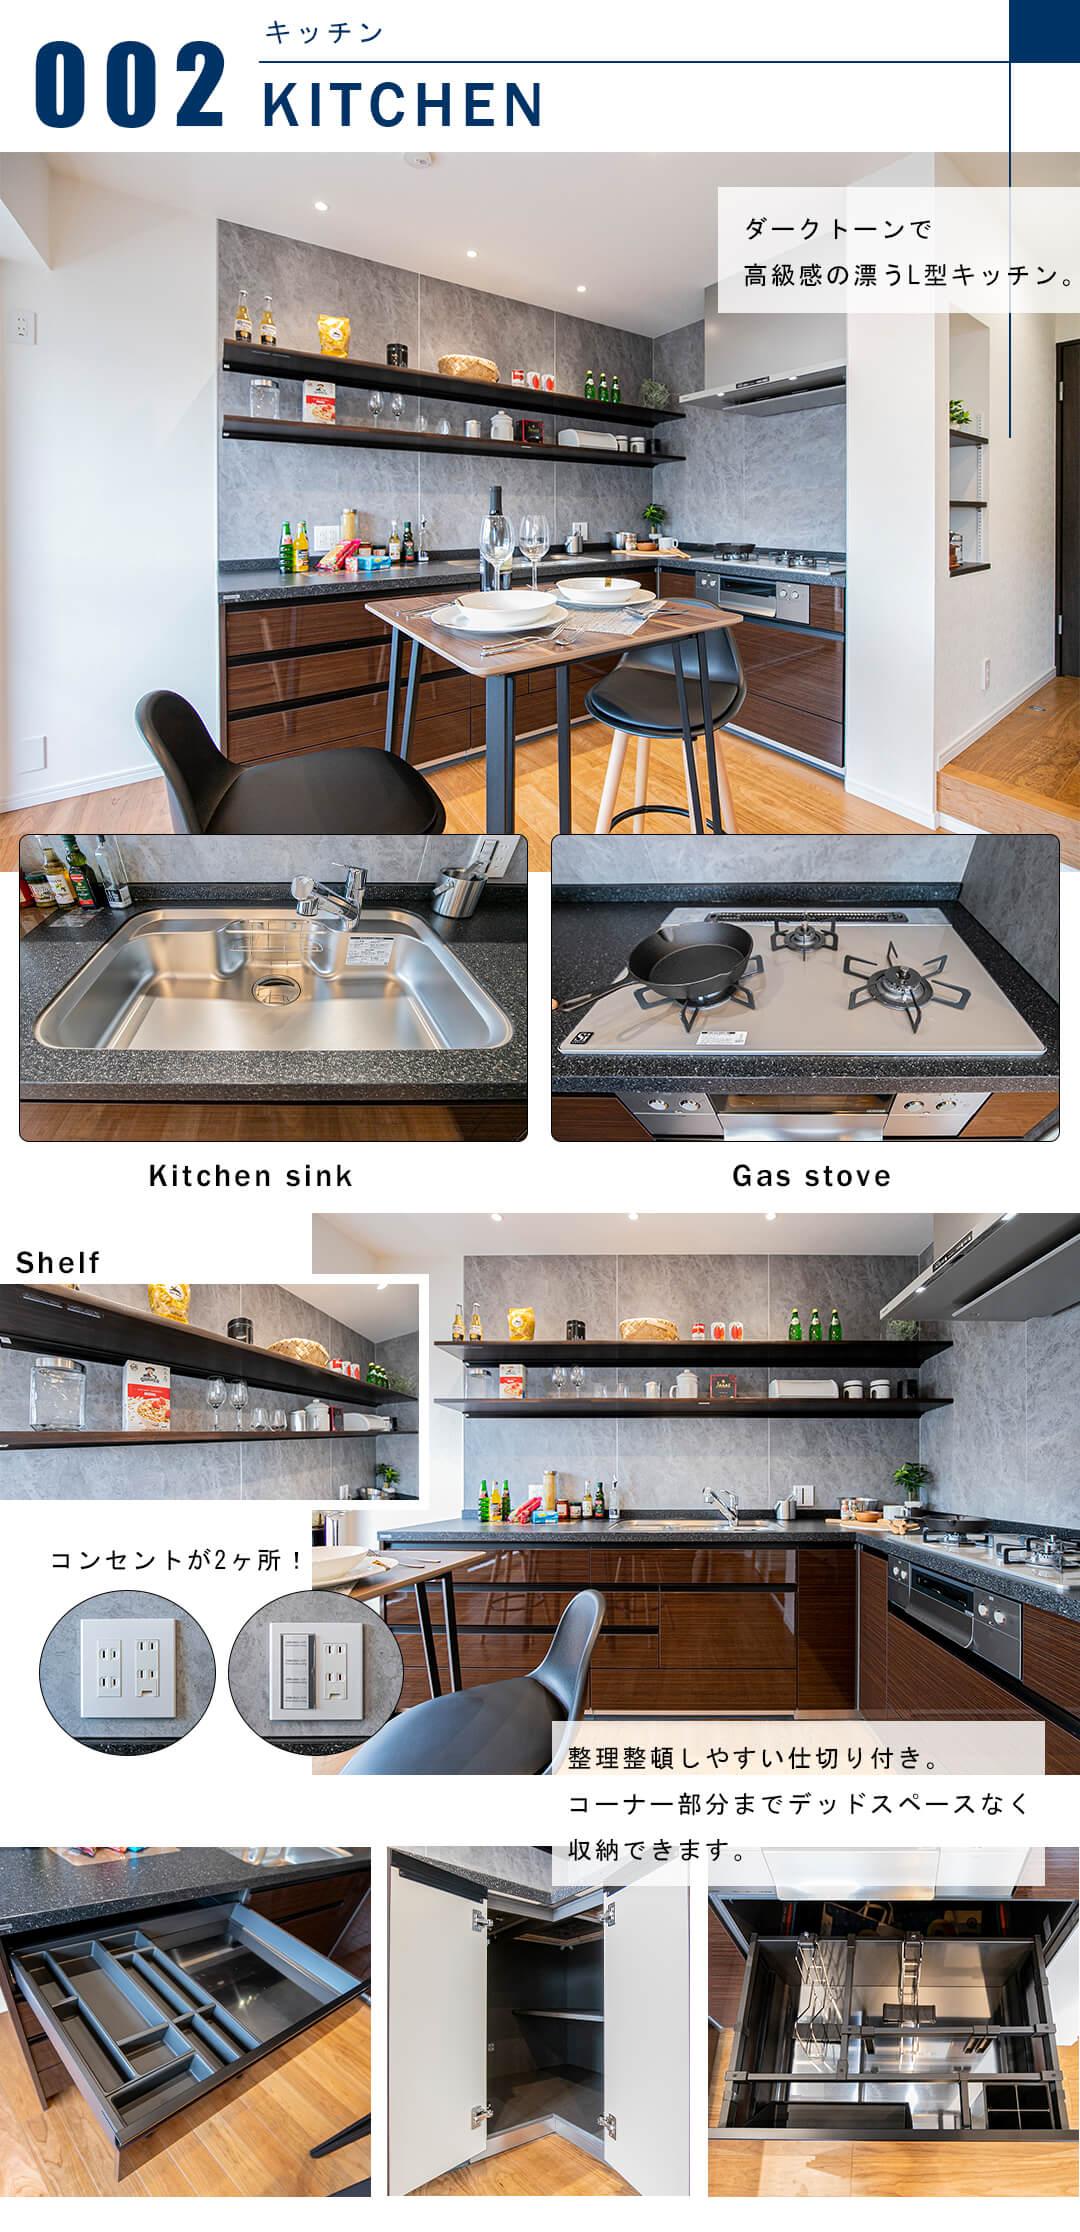 インペリアル赤坂壱番館のキッチン